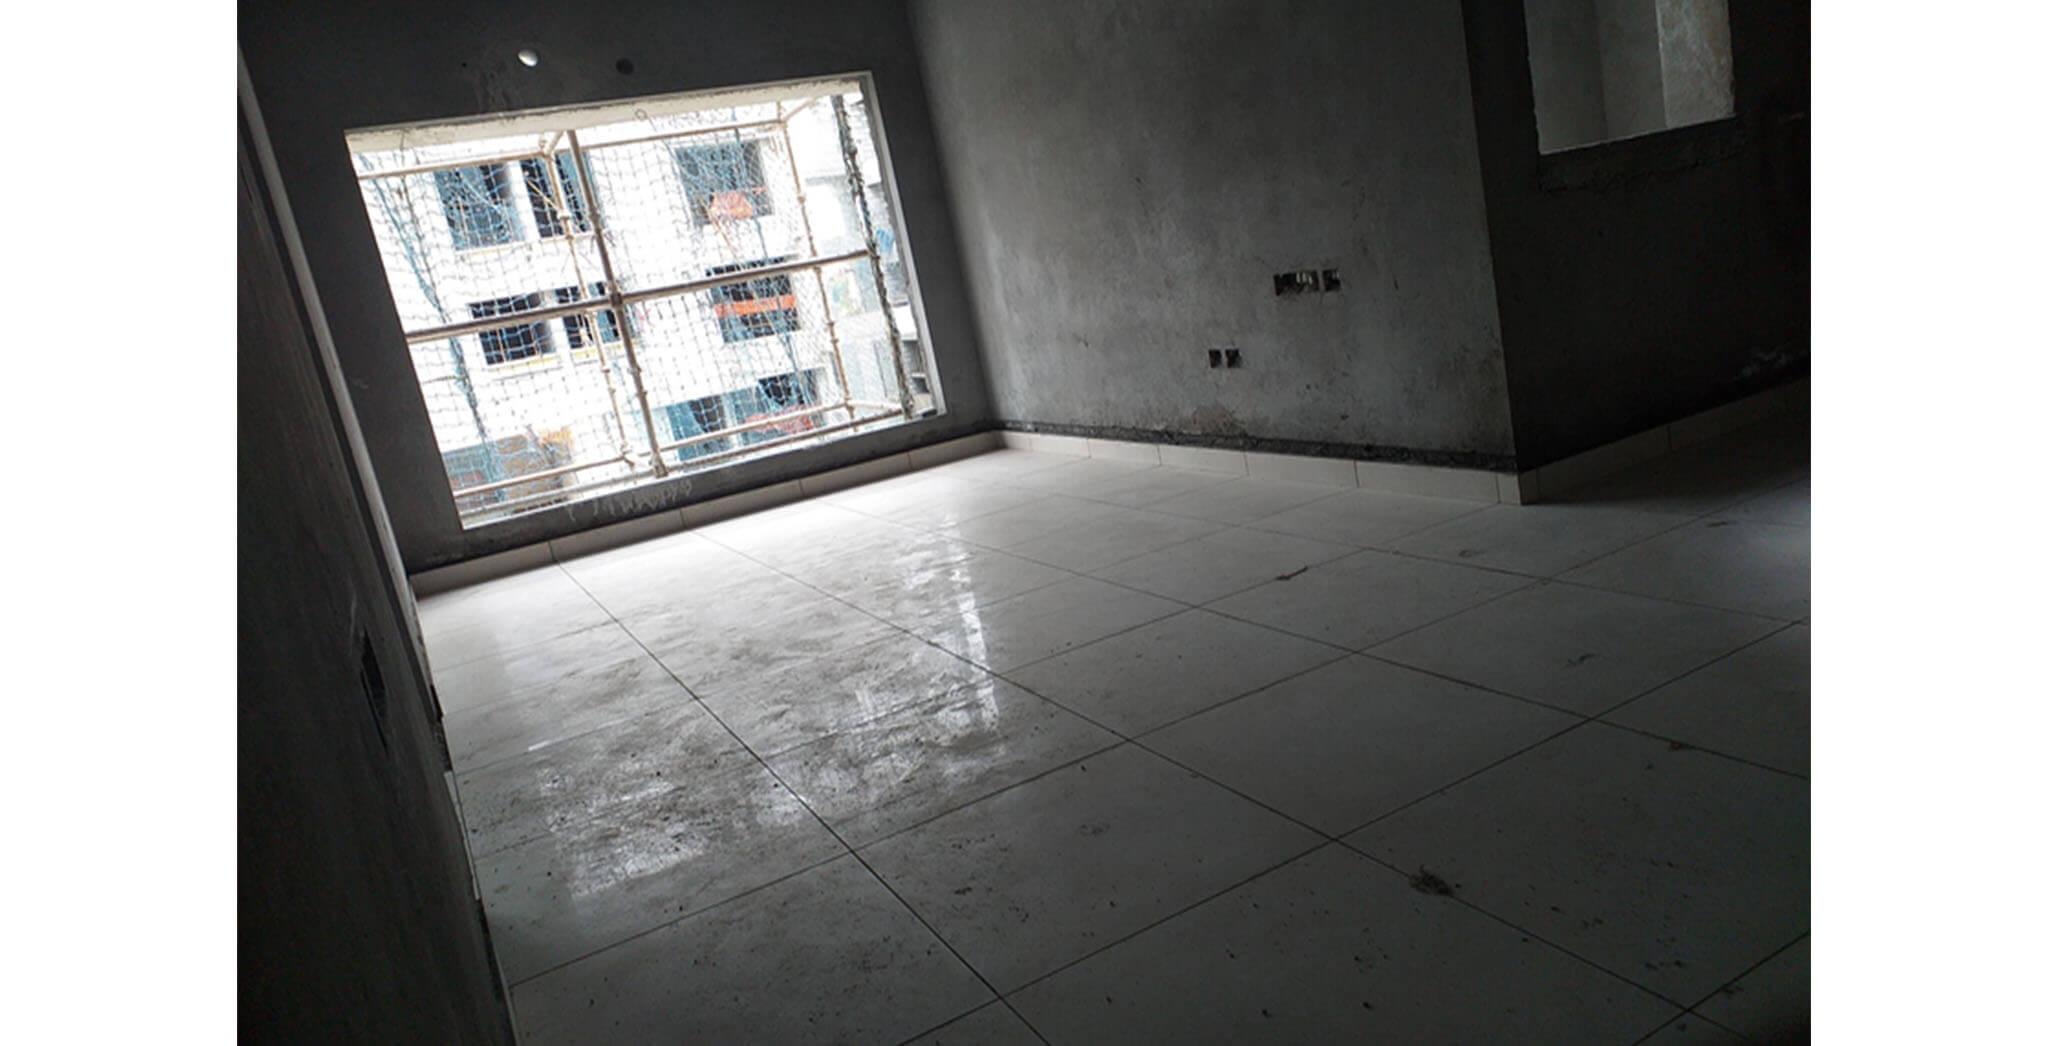 Jul 2020 - West side view: M & N Blocks—Tiling work-in-progress.